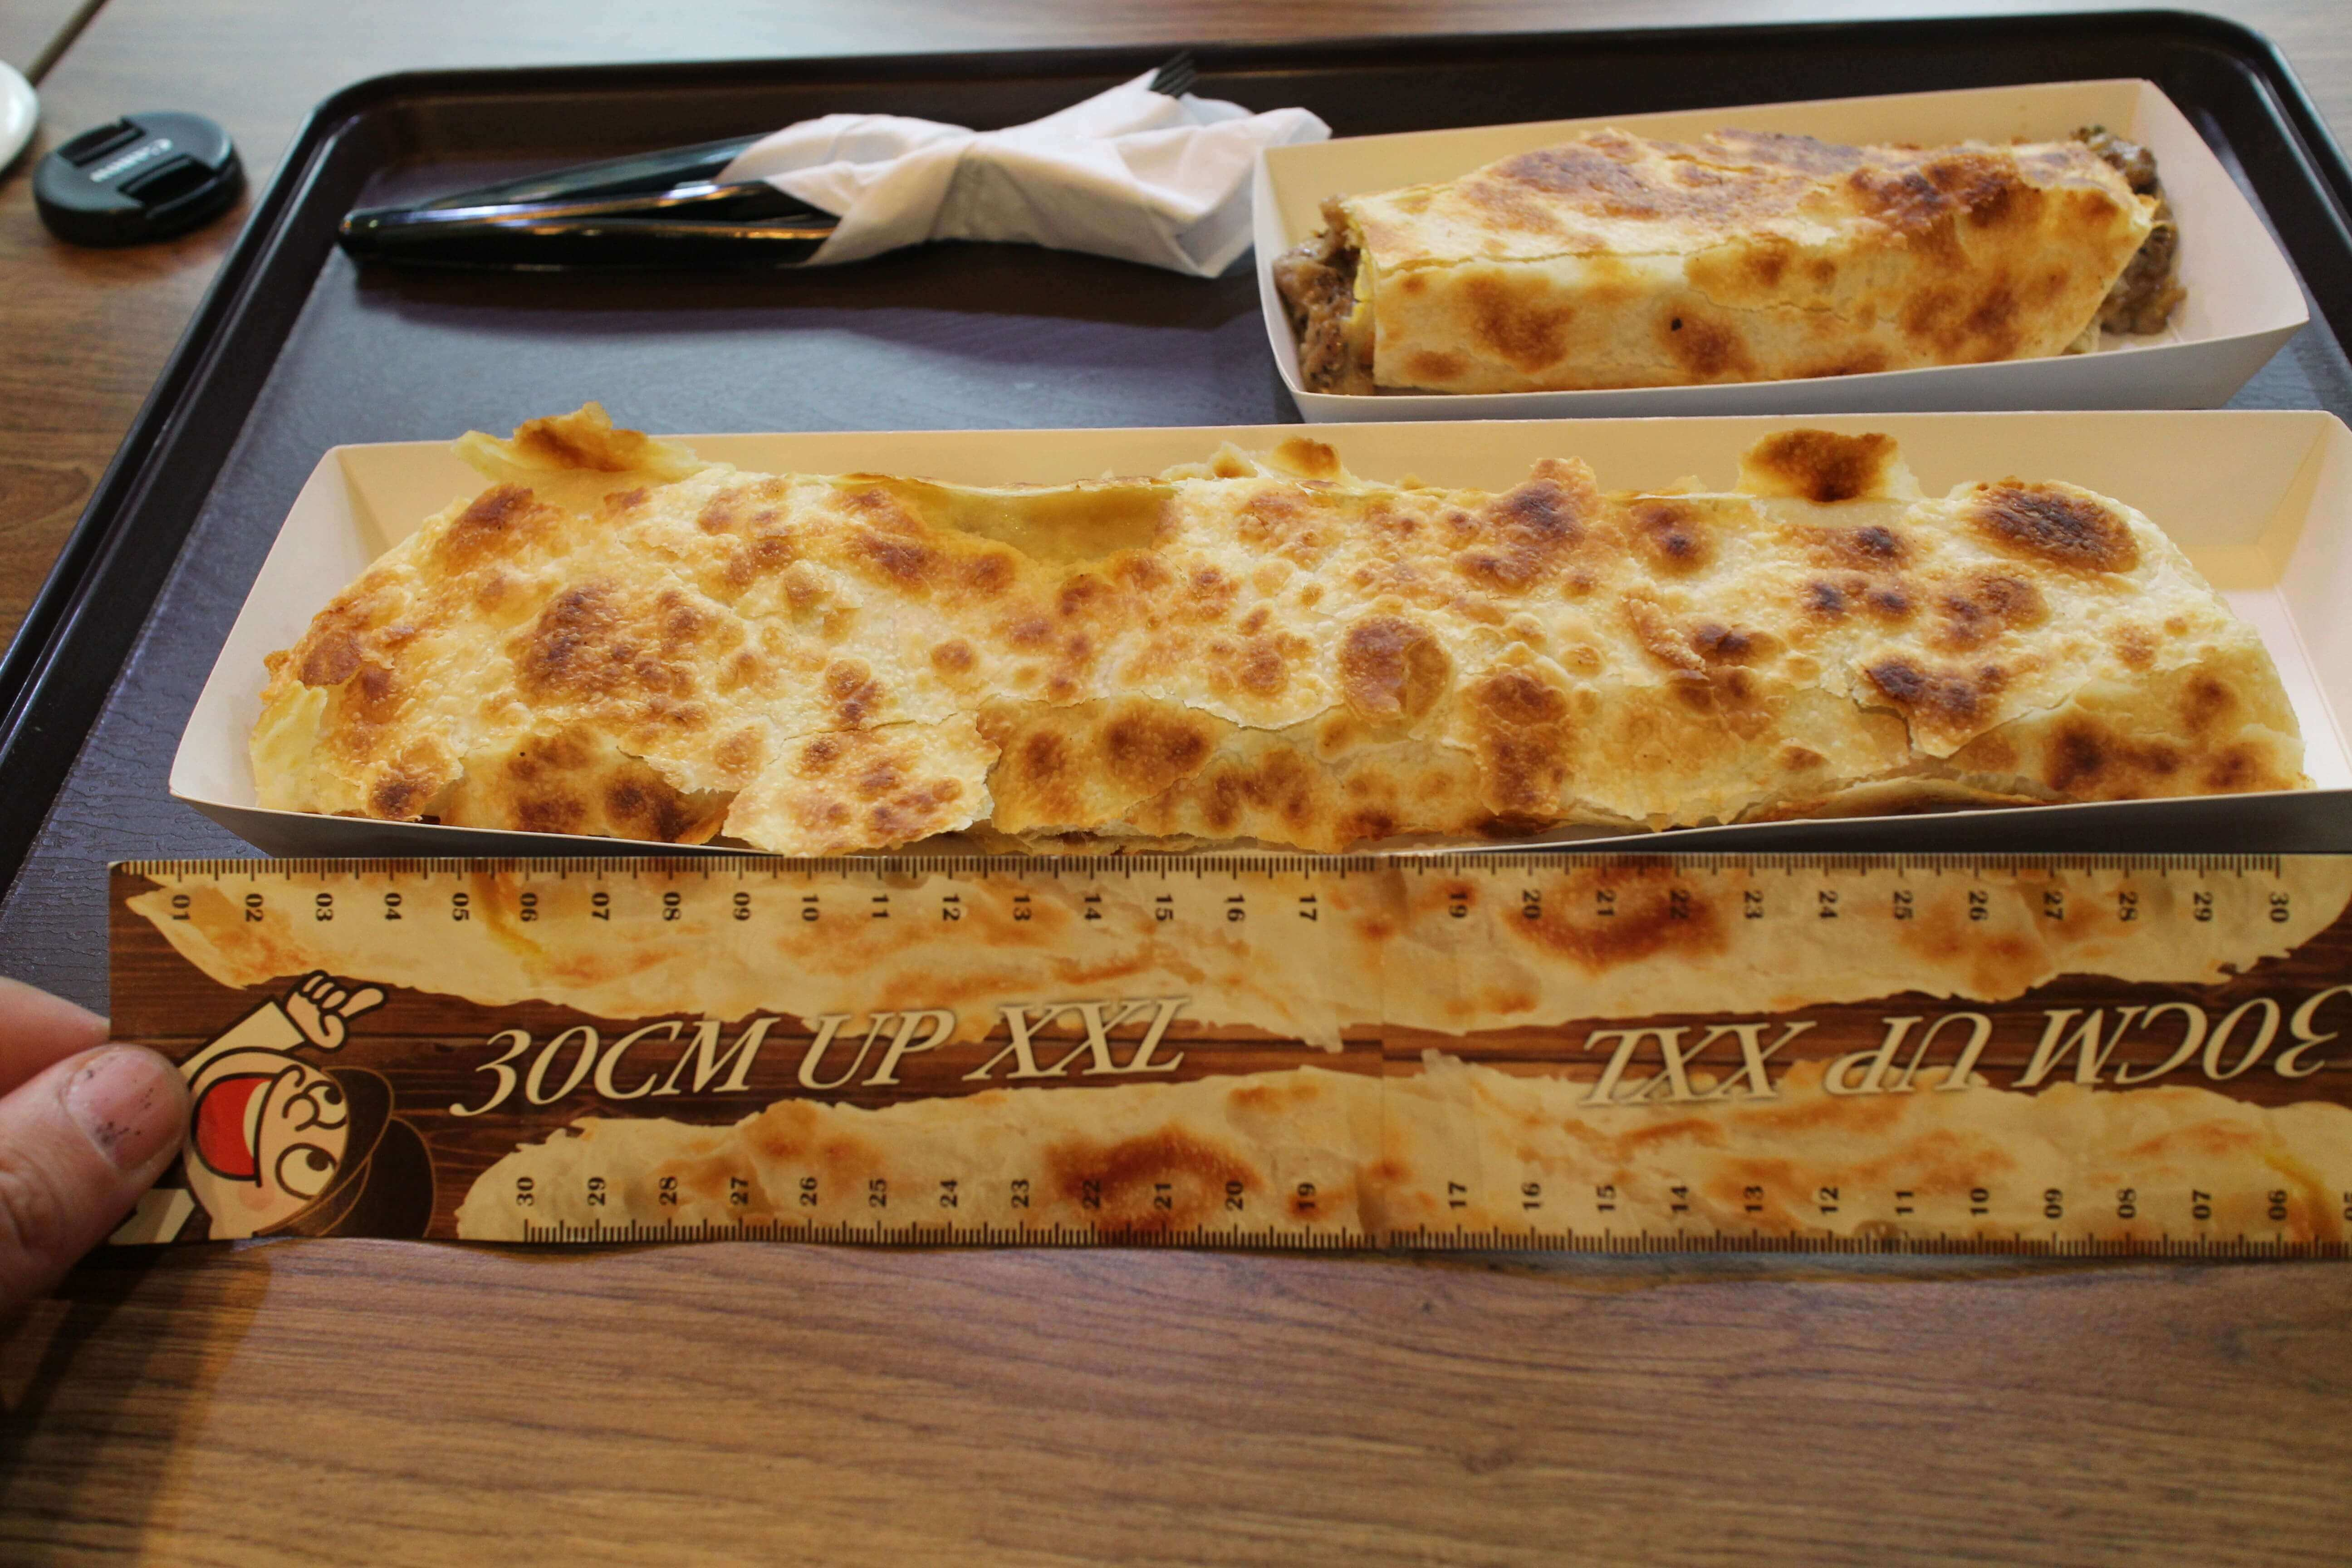 松山區超長30cm蛋餅【長勝君捲蛋餅】-無法無天的撐爆你的胃,小資也能好好吃 @秤瓶樂遊遊